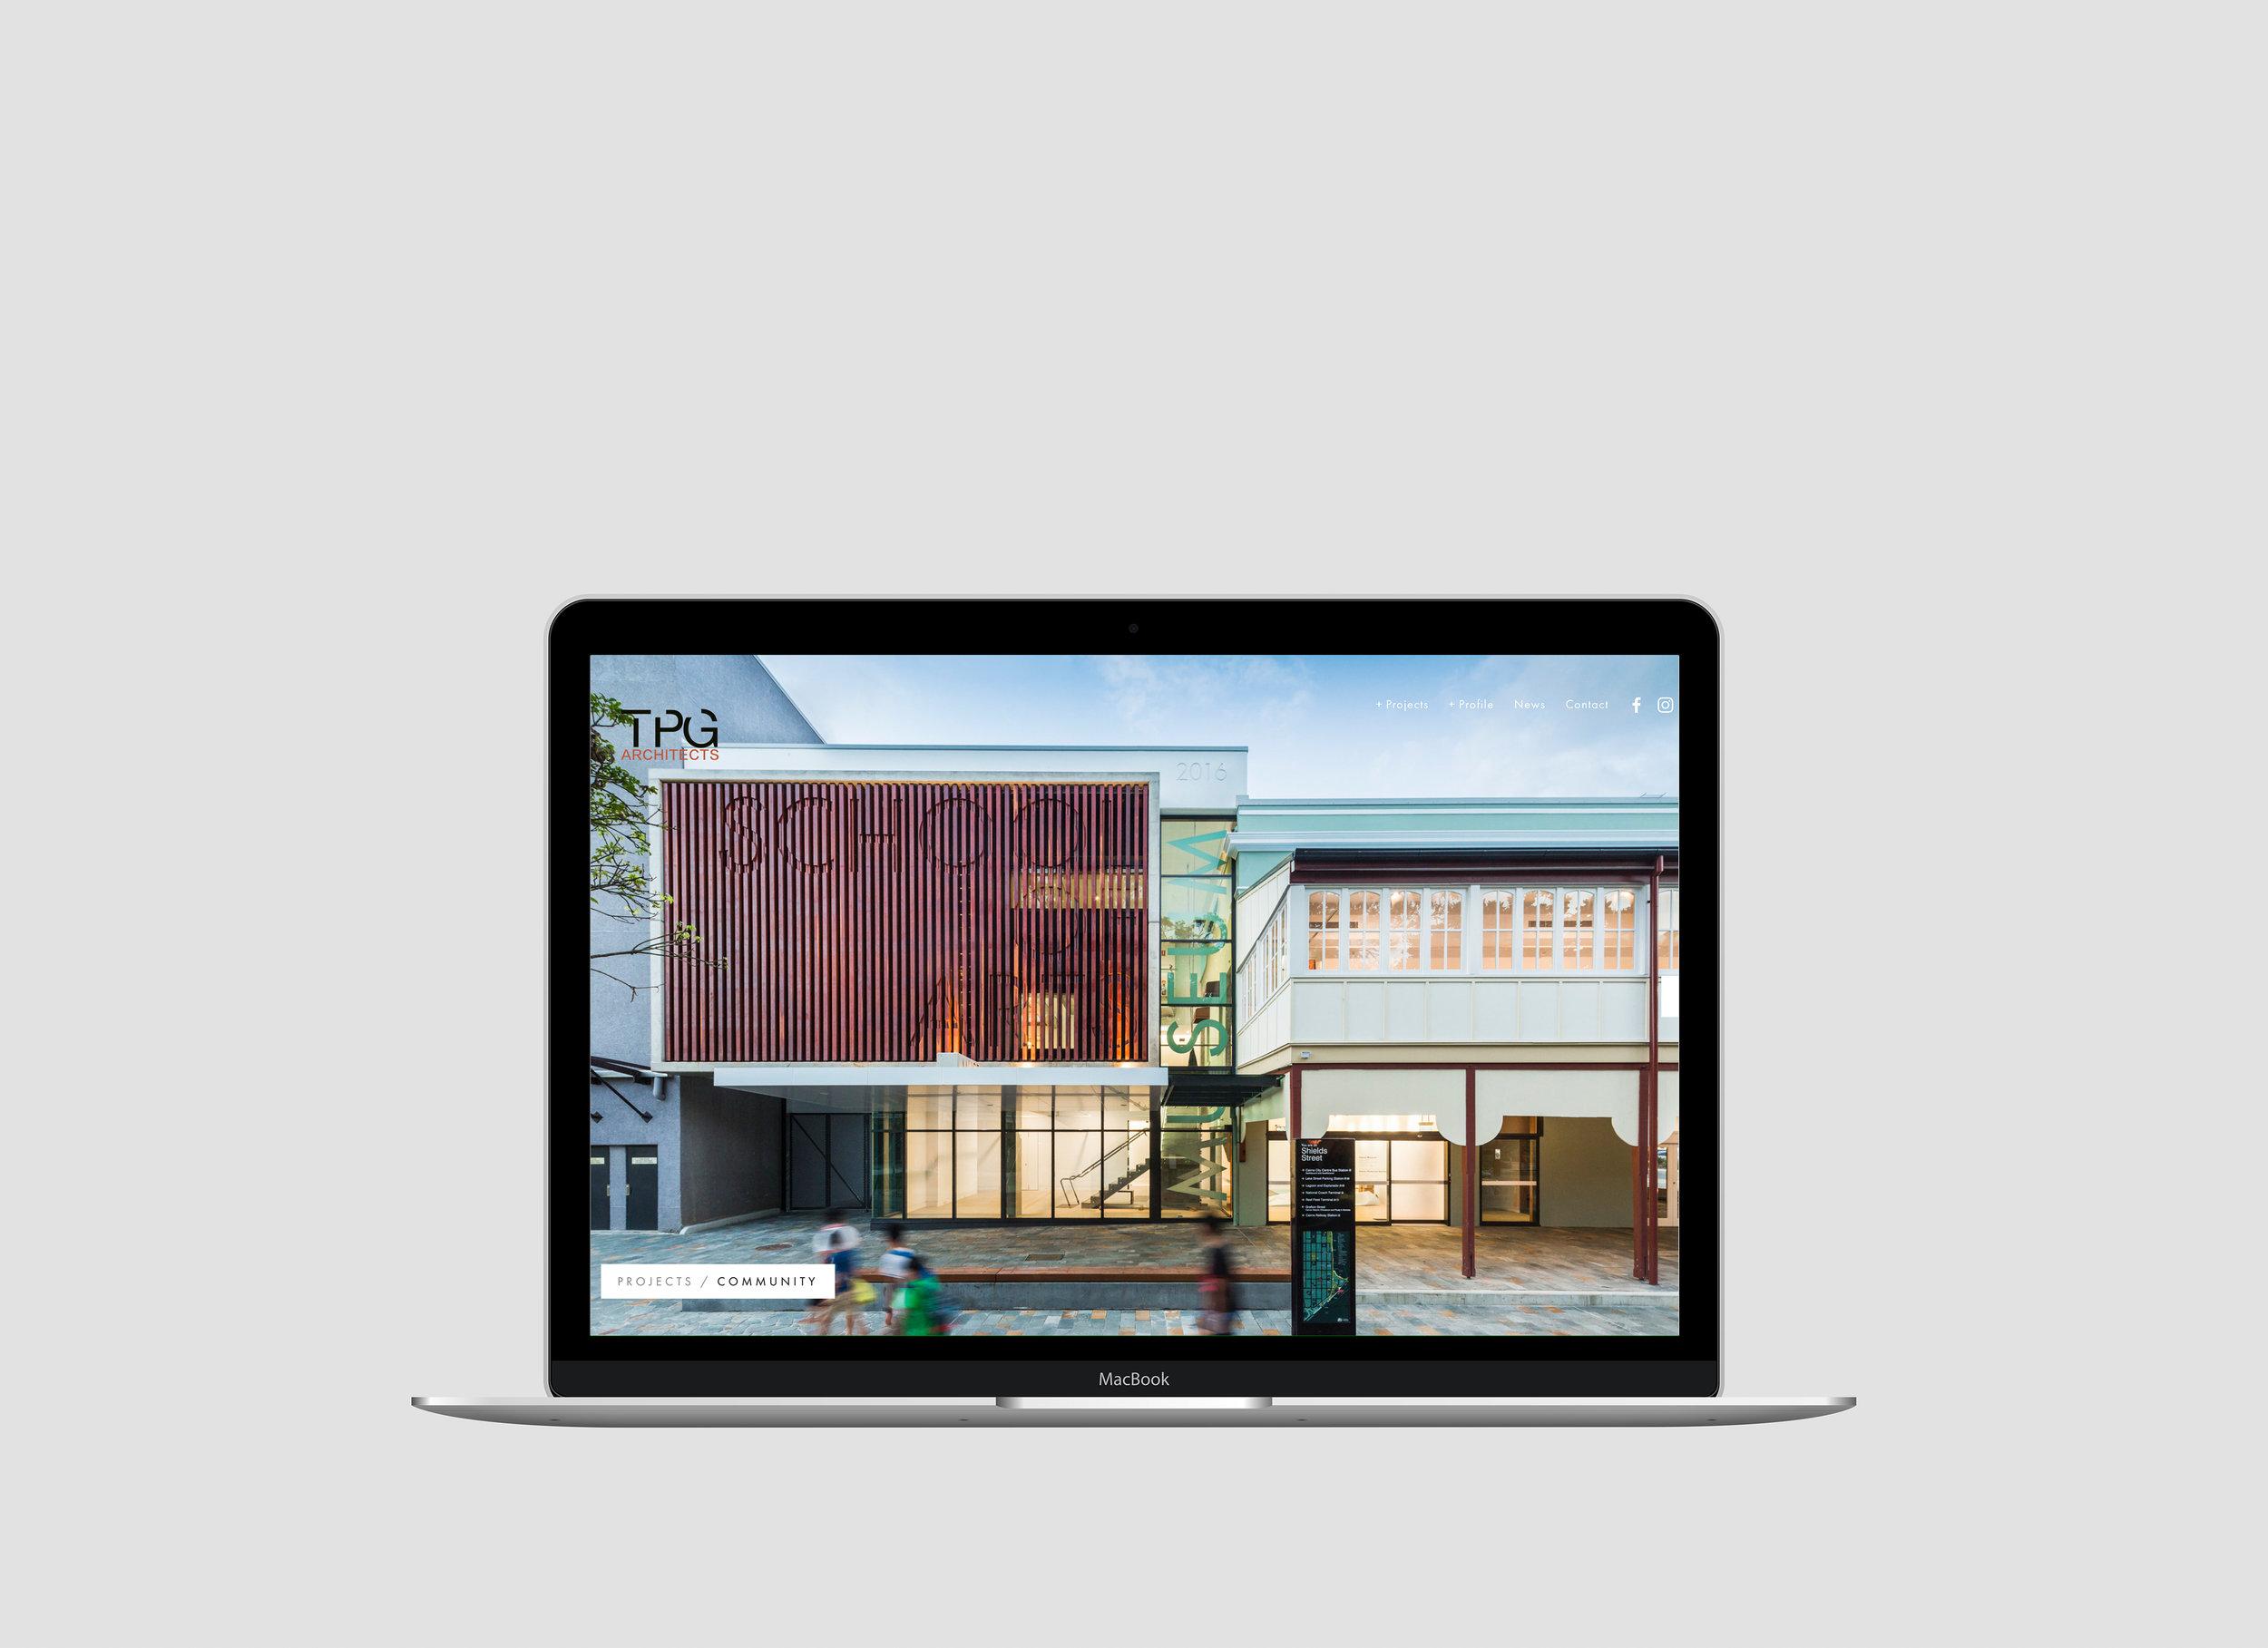 macbook tpg website mockup 1.jpg